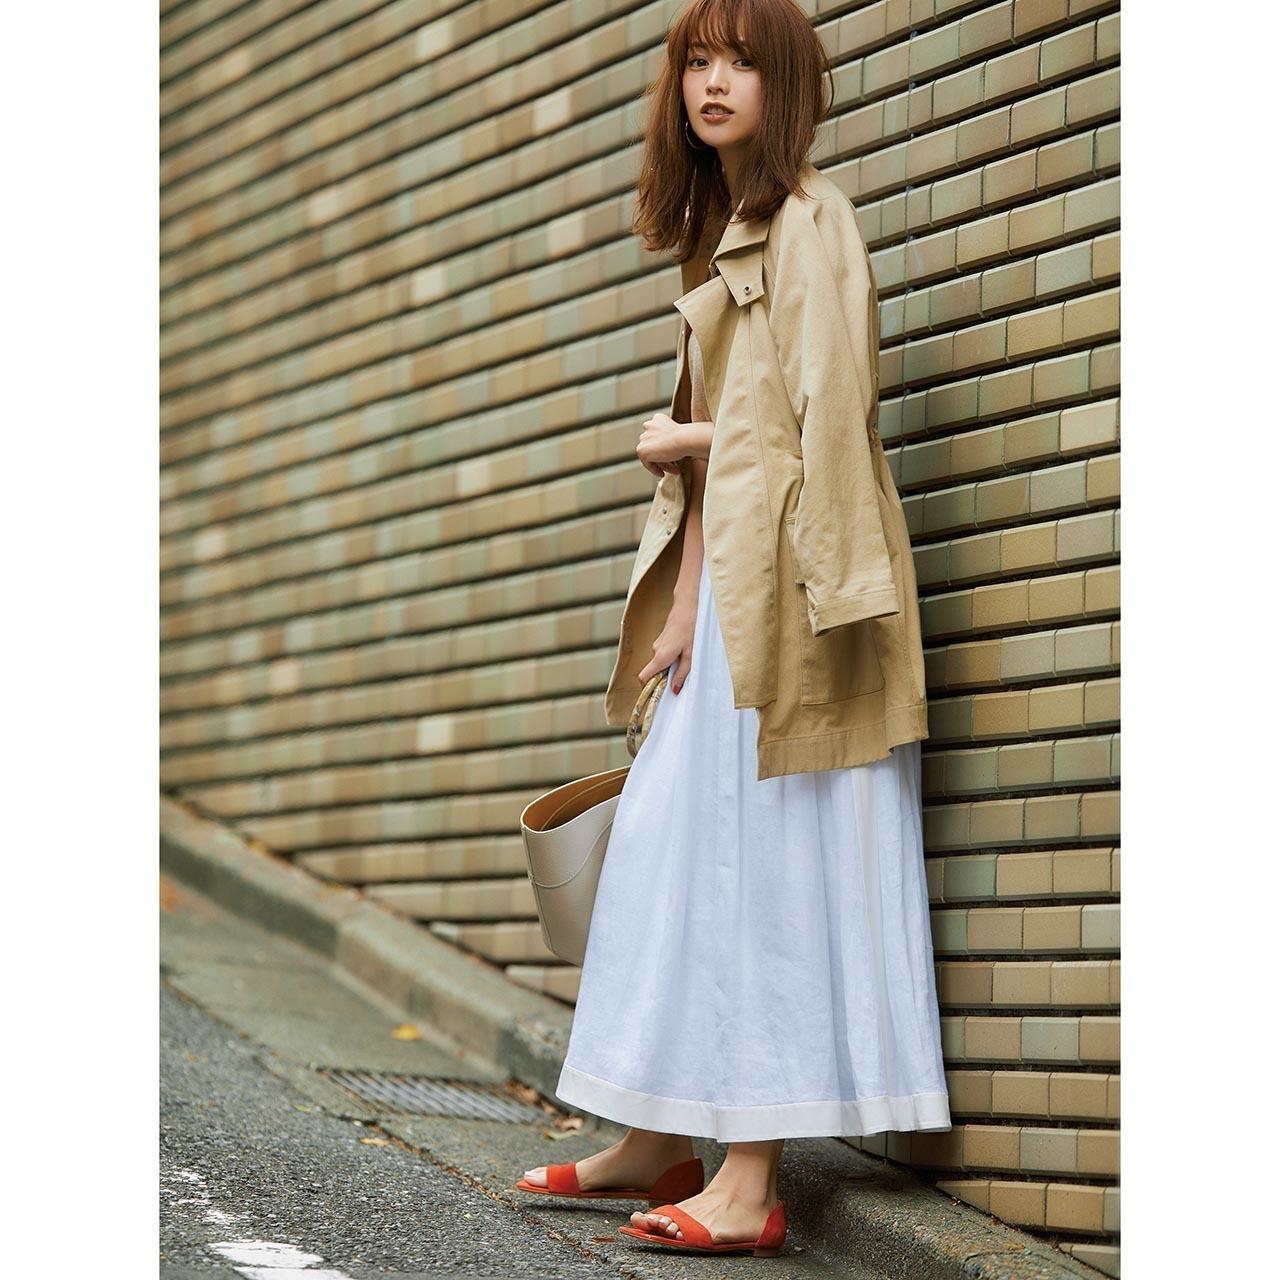 ベージュジャケット×白スカートの羽織ものコーデ